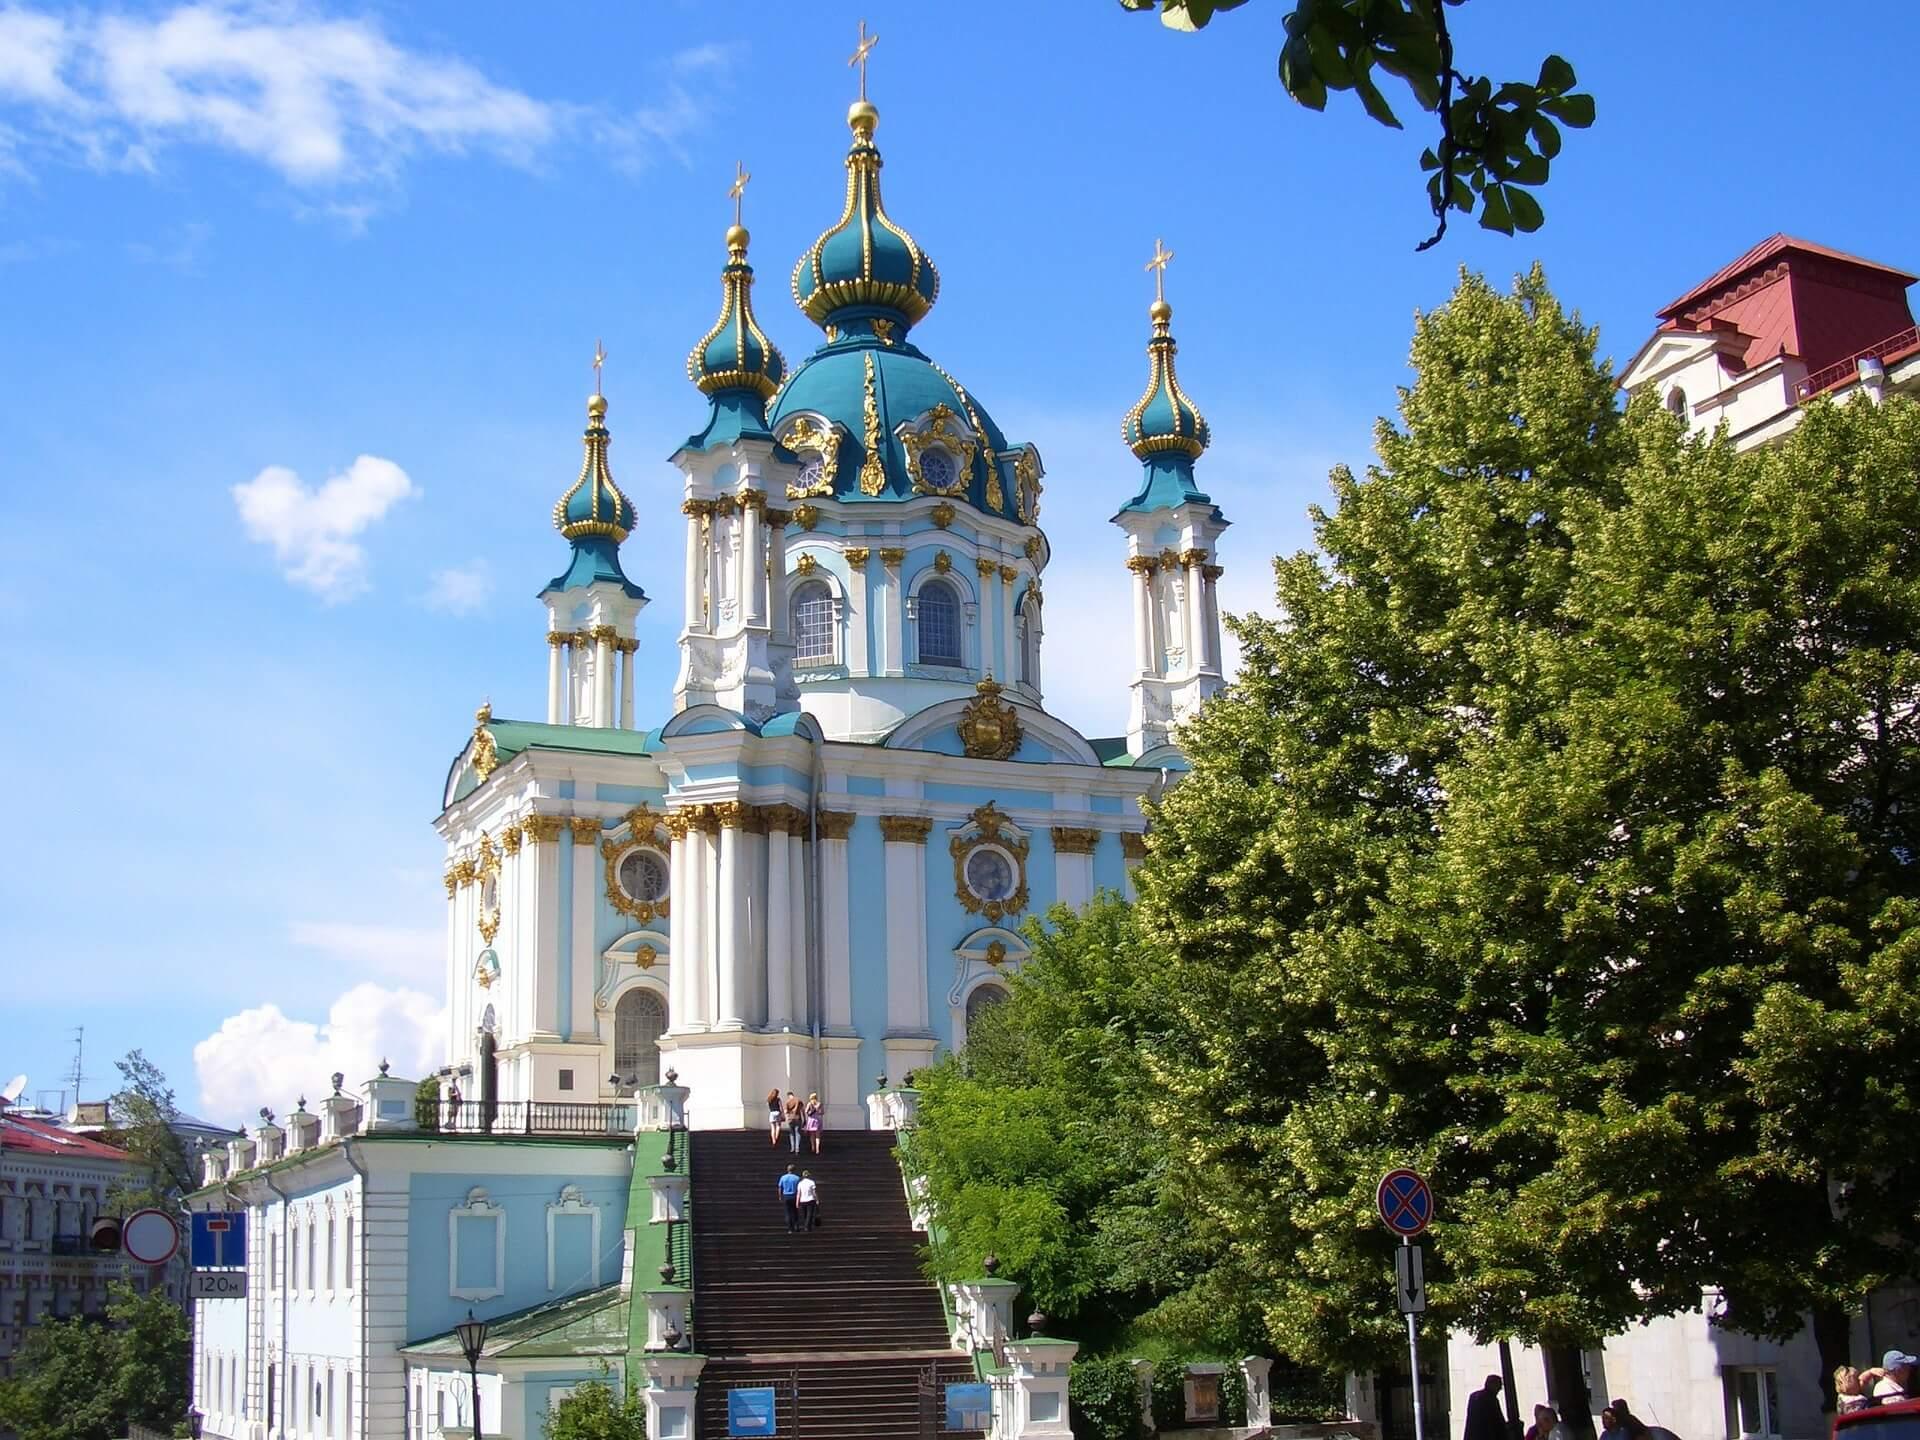 Direktflüge und Billigflüge ab Hannover nach Kiev Schuljany